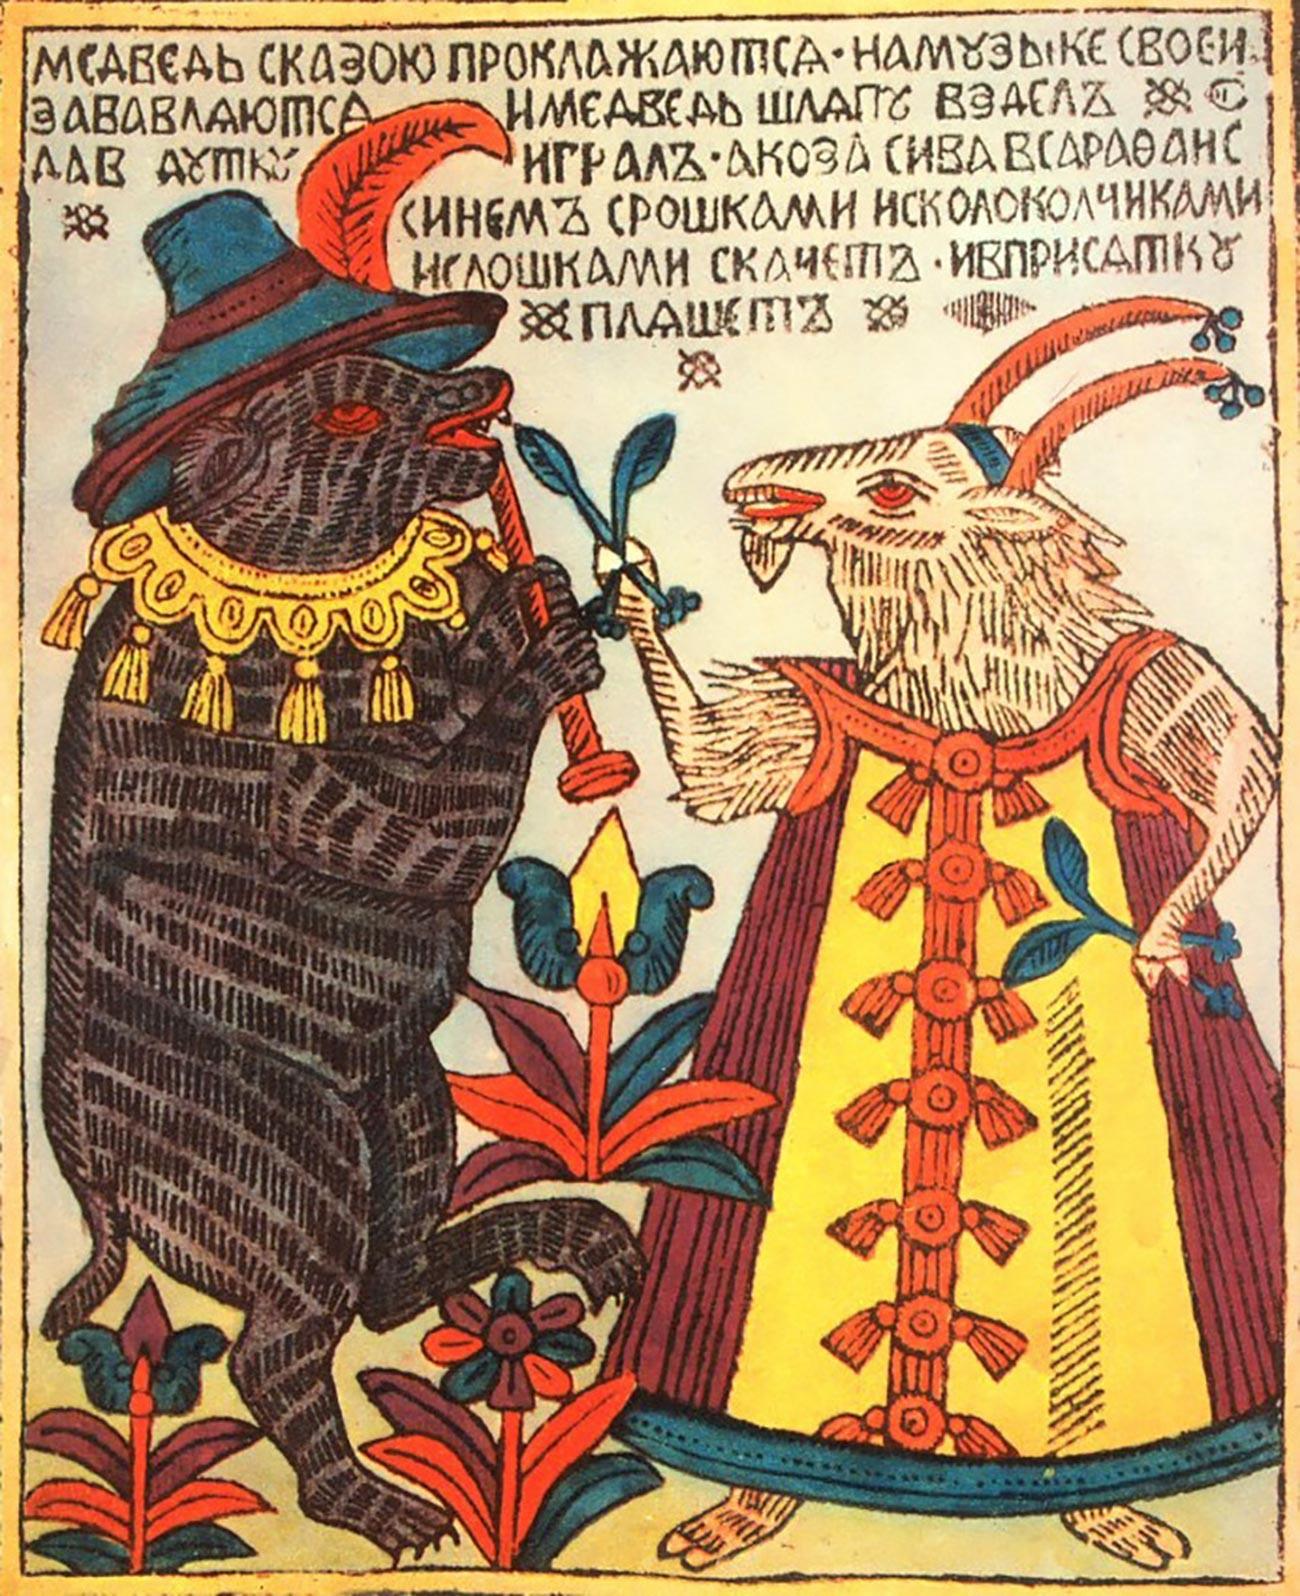 Лубок «Медведь с козою прохлаждается», XVIII век.  «Медведь с козою прохлаждается, на музыке своей забавляются. И медведь шляпу вздел, да в дудку играл, а коза сива в сарафане синем, с рожками и с колокольчиками, и с ложками скачет и вприсядку пляшет».